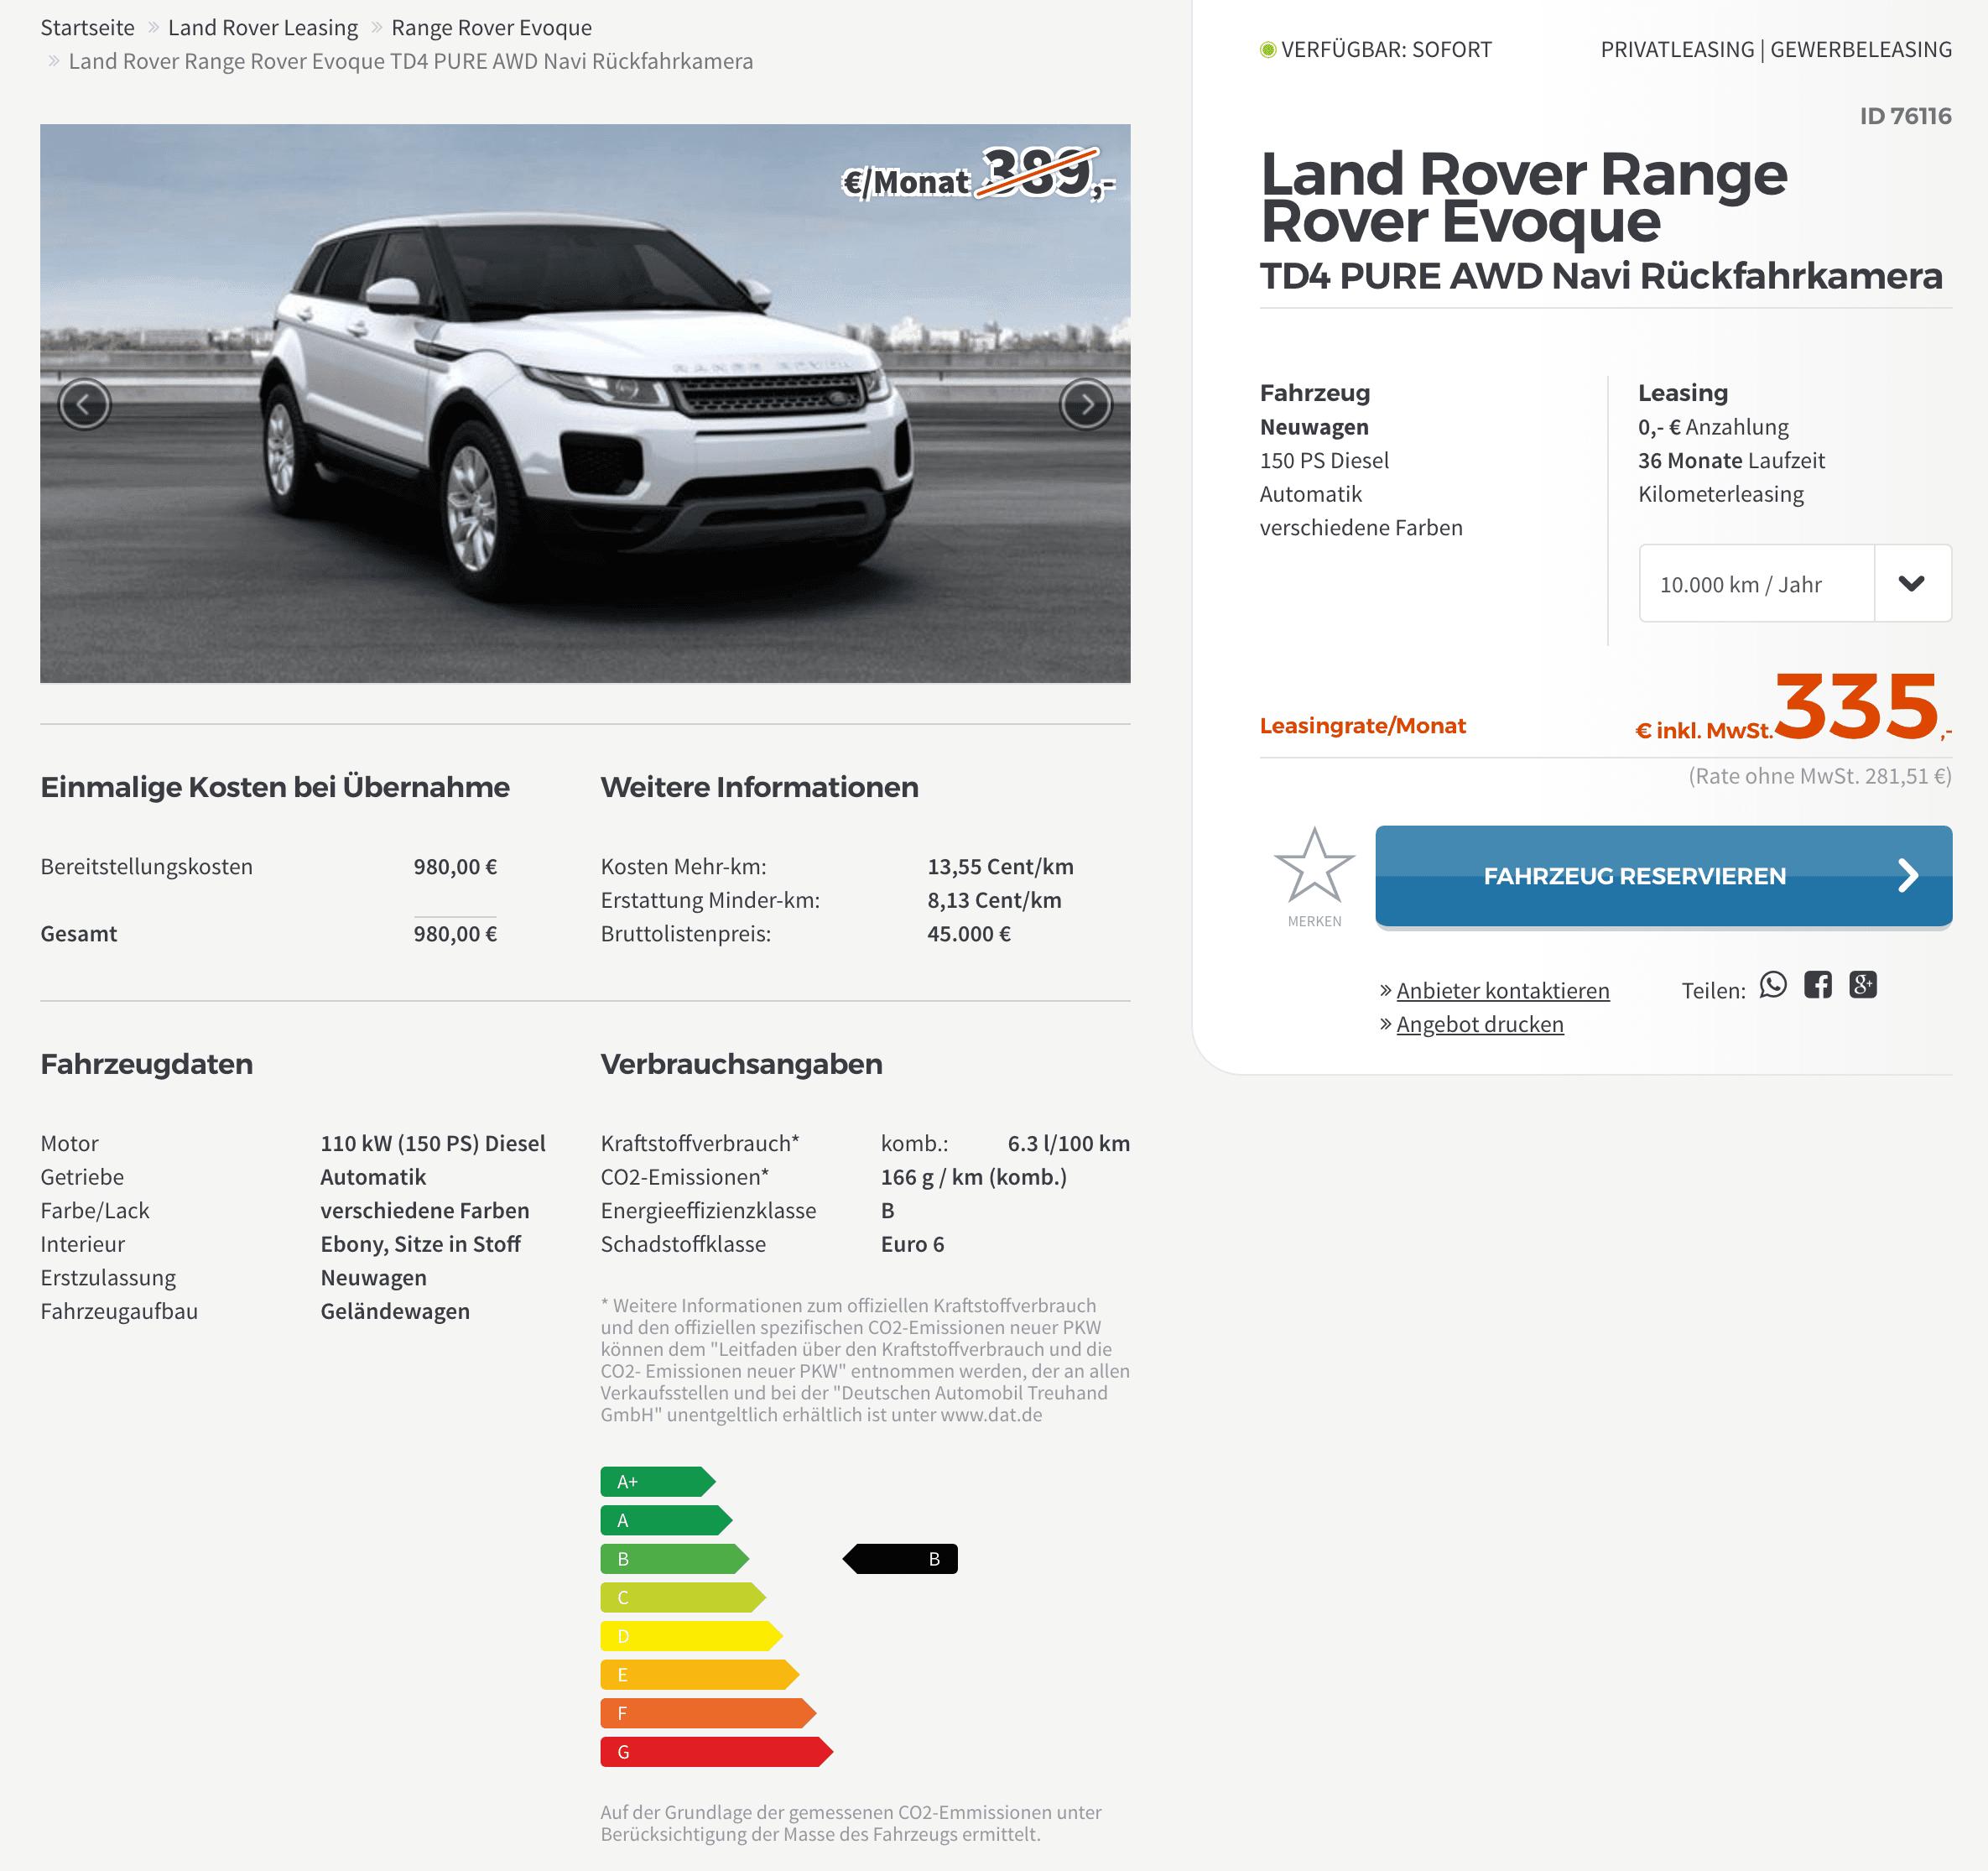 Land Rover Range Rover Evoque TD4 Pure Leasing Für 335